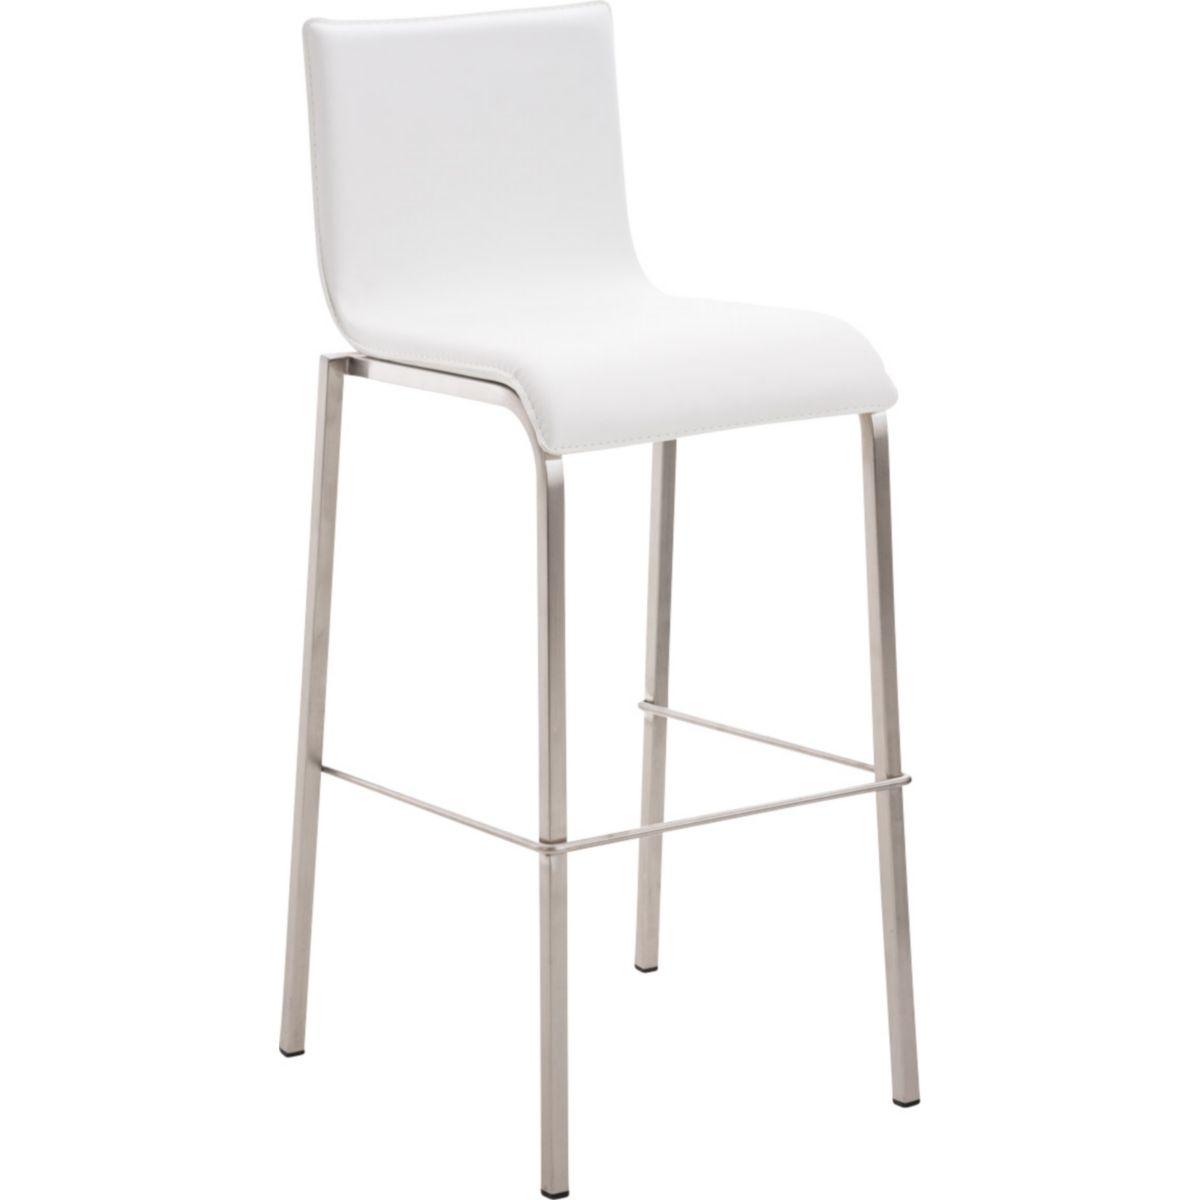 CLP Edelstahl Barhocker AVOLA mit Lehne und Sitzpolster pflegeleichtem Kunstlederbezug   Stapelbarer Barstuhl Metallgestell Fußstütze einer Sitzhöhe von 78 cm In verschiedenen Farben erhältlich jetztbilligerkaufen